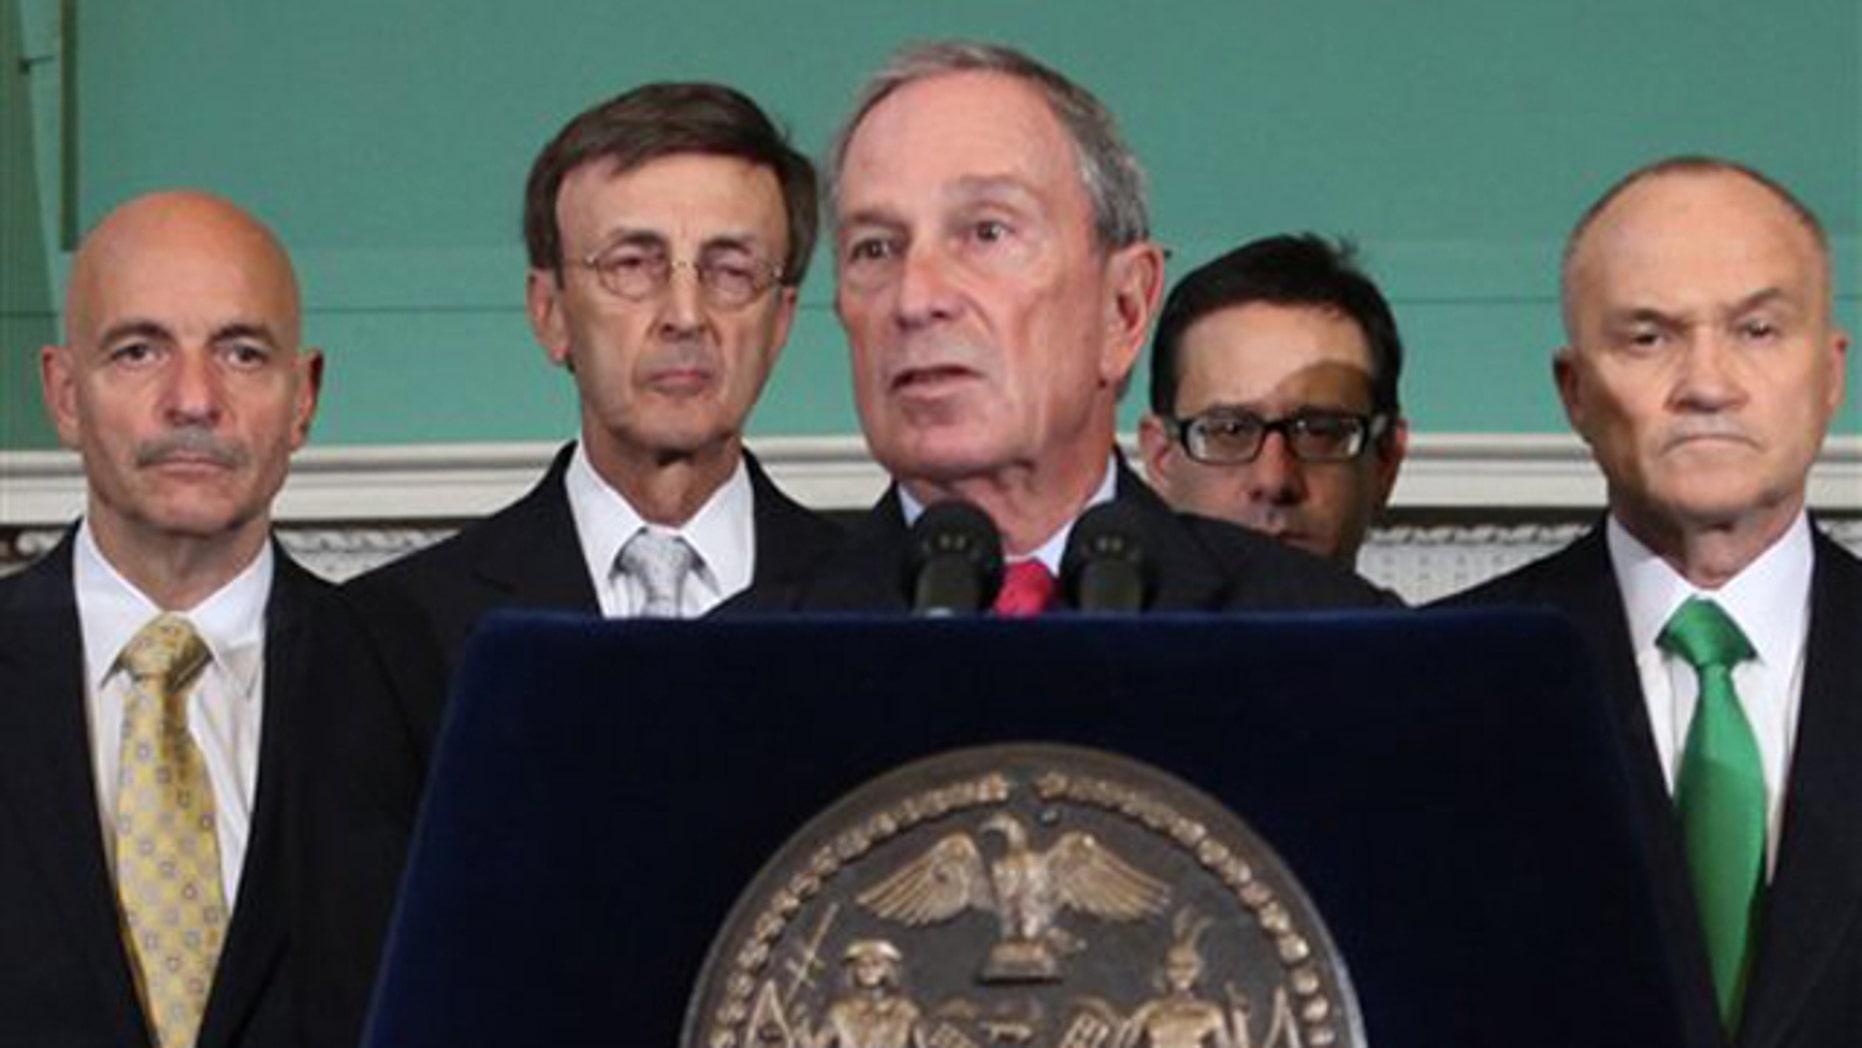 New York City Mayor Michael Bloomberg, center, addresses the media Aug. 25 in New York.